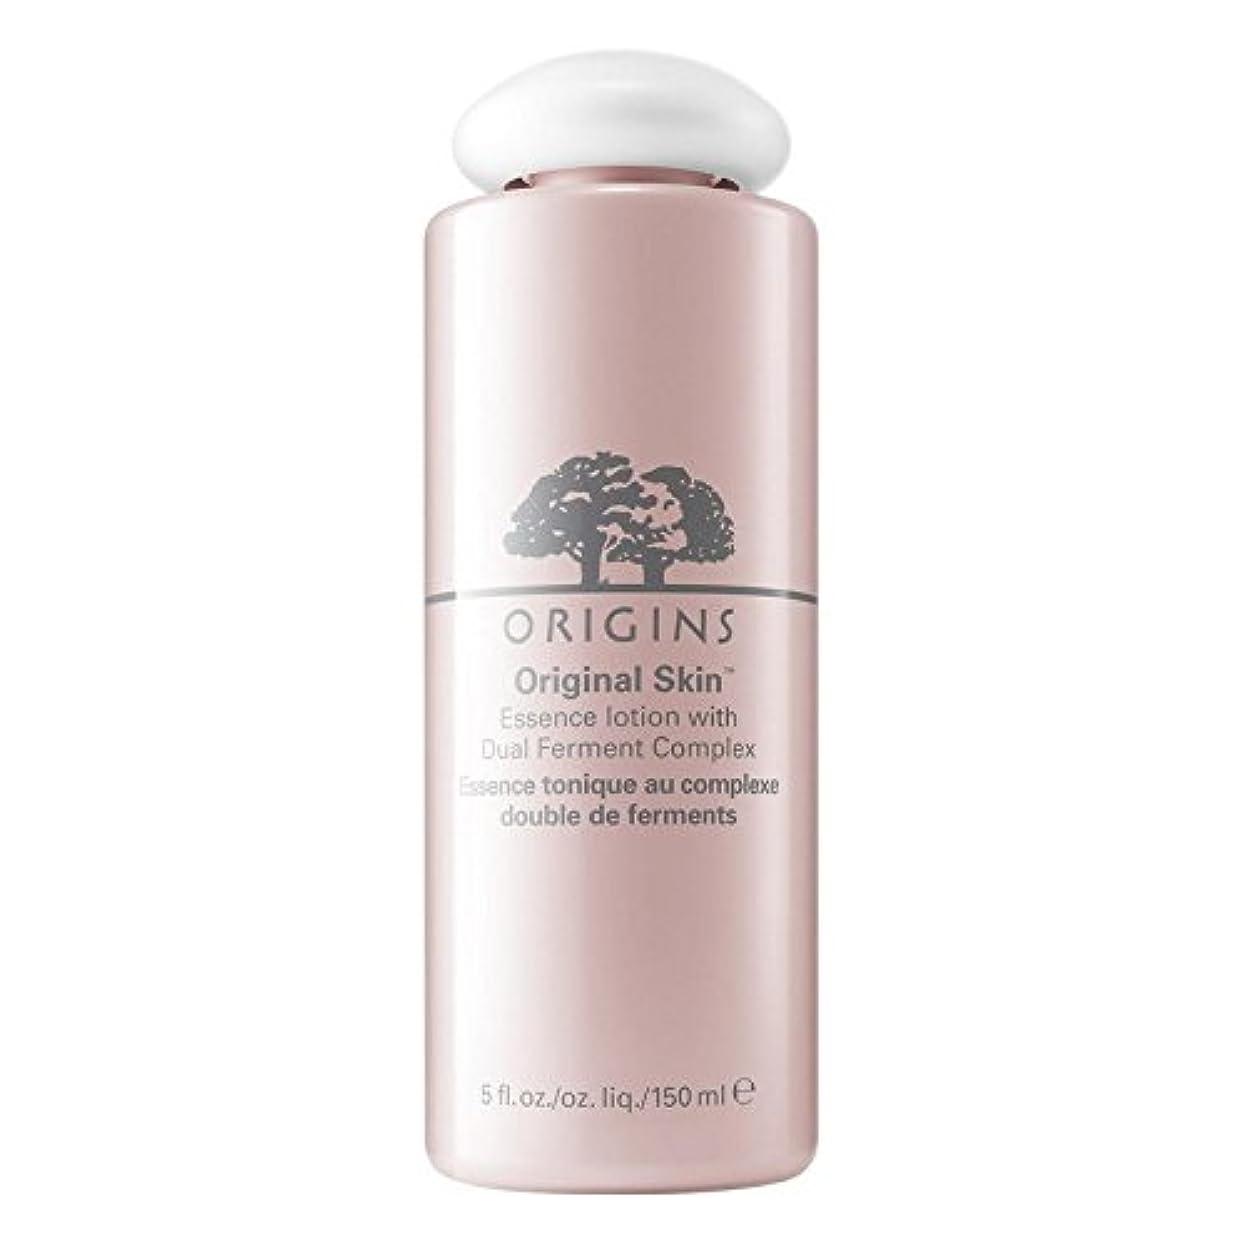 入札キャンドル口Origins Original Skin Essence Lotion 150ml (Pack of 6) - 起源オリジナルスキンエッセンスローション150 x6 [並行輸入品]